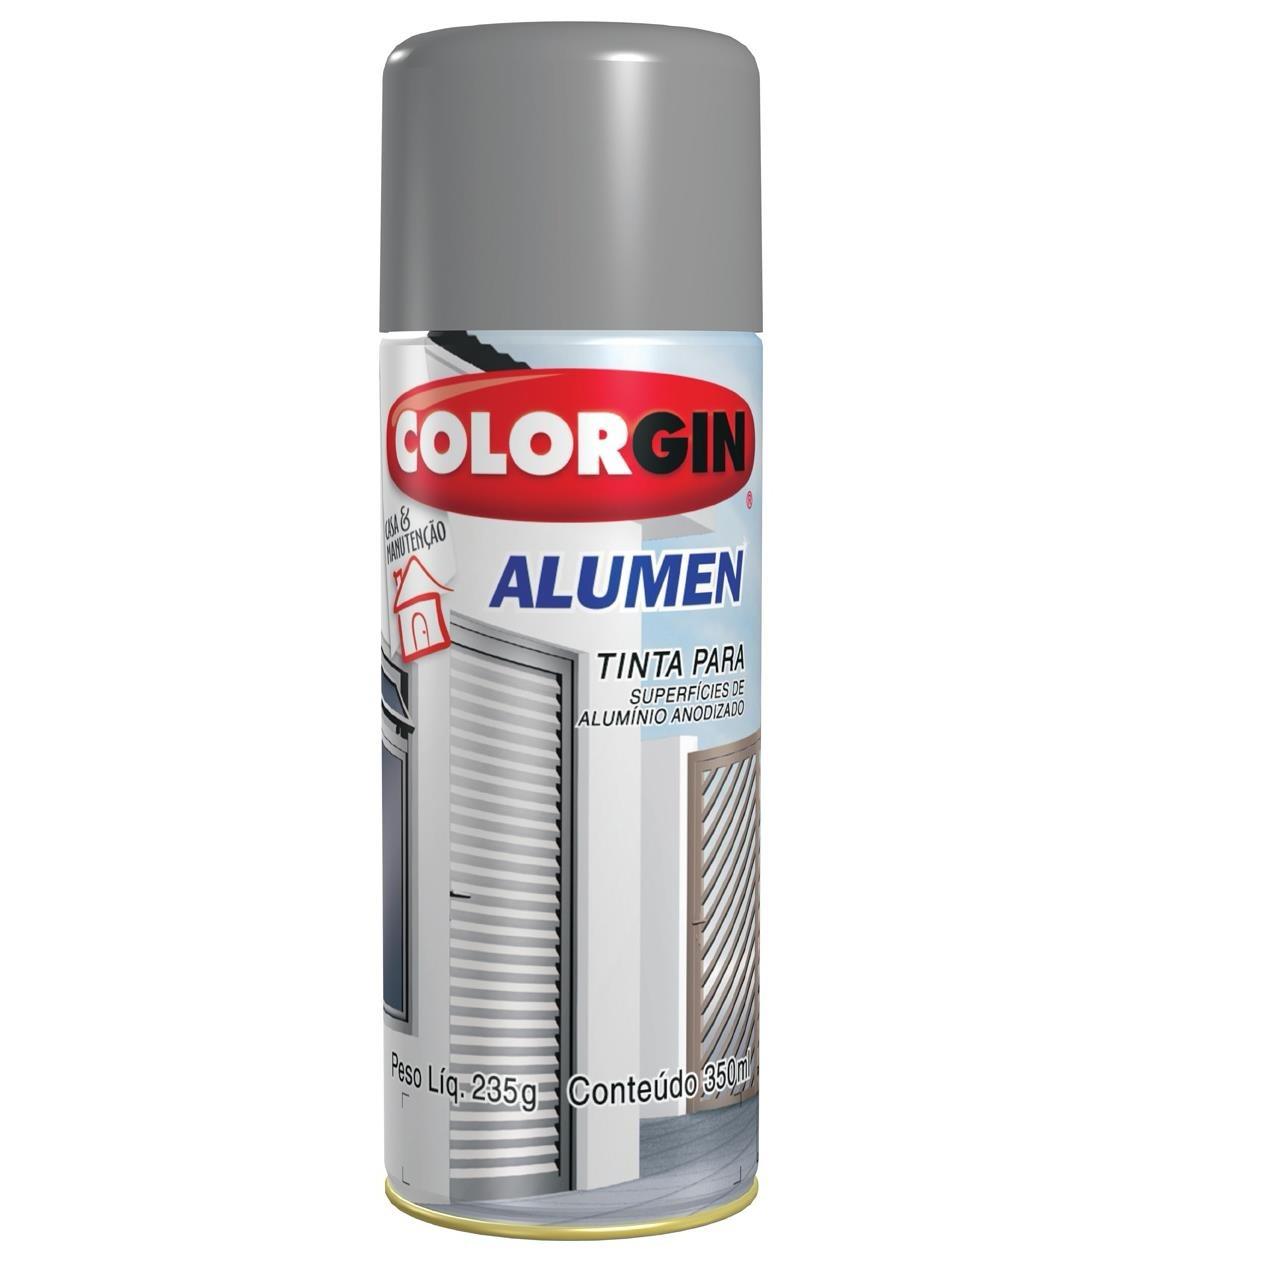 Tinta Spray Fosco Alumen Interno e Externo - Preto - 350ml - Colorgin